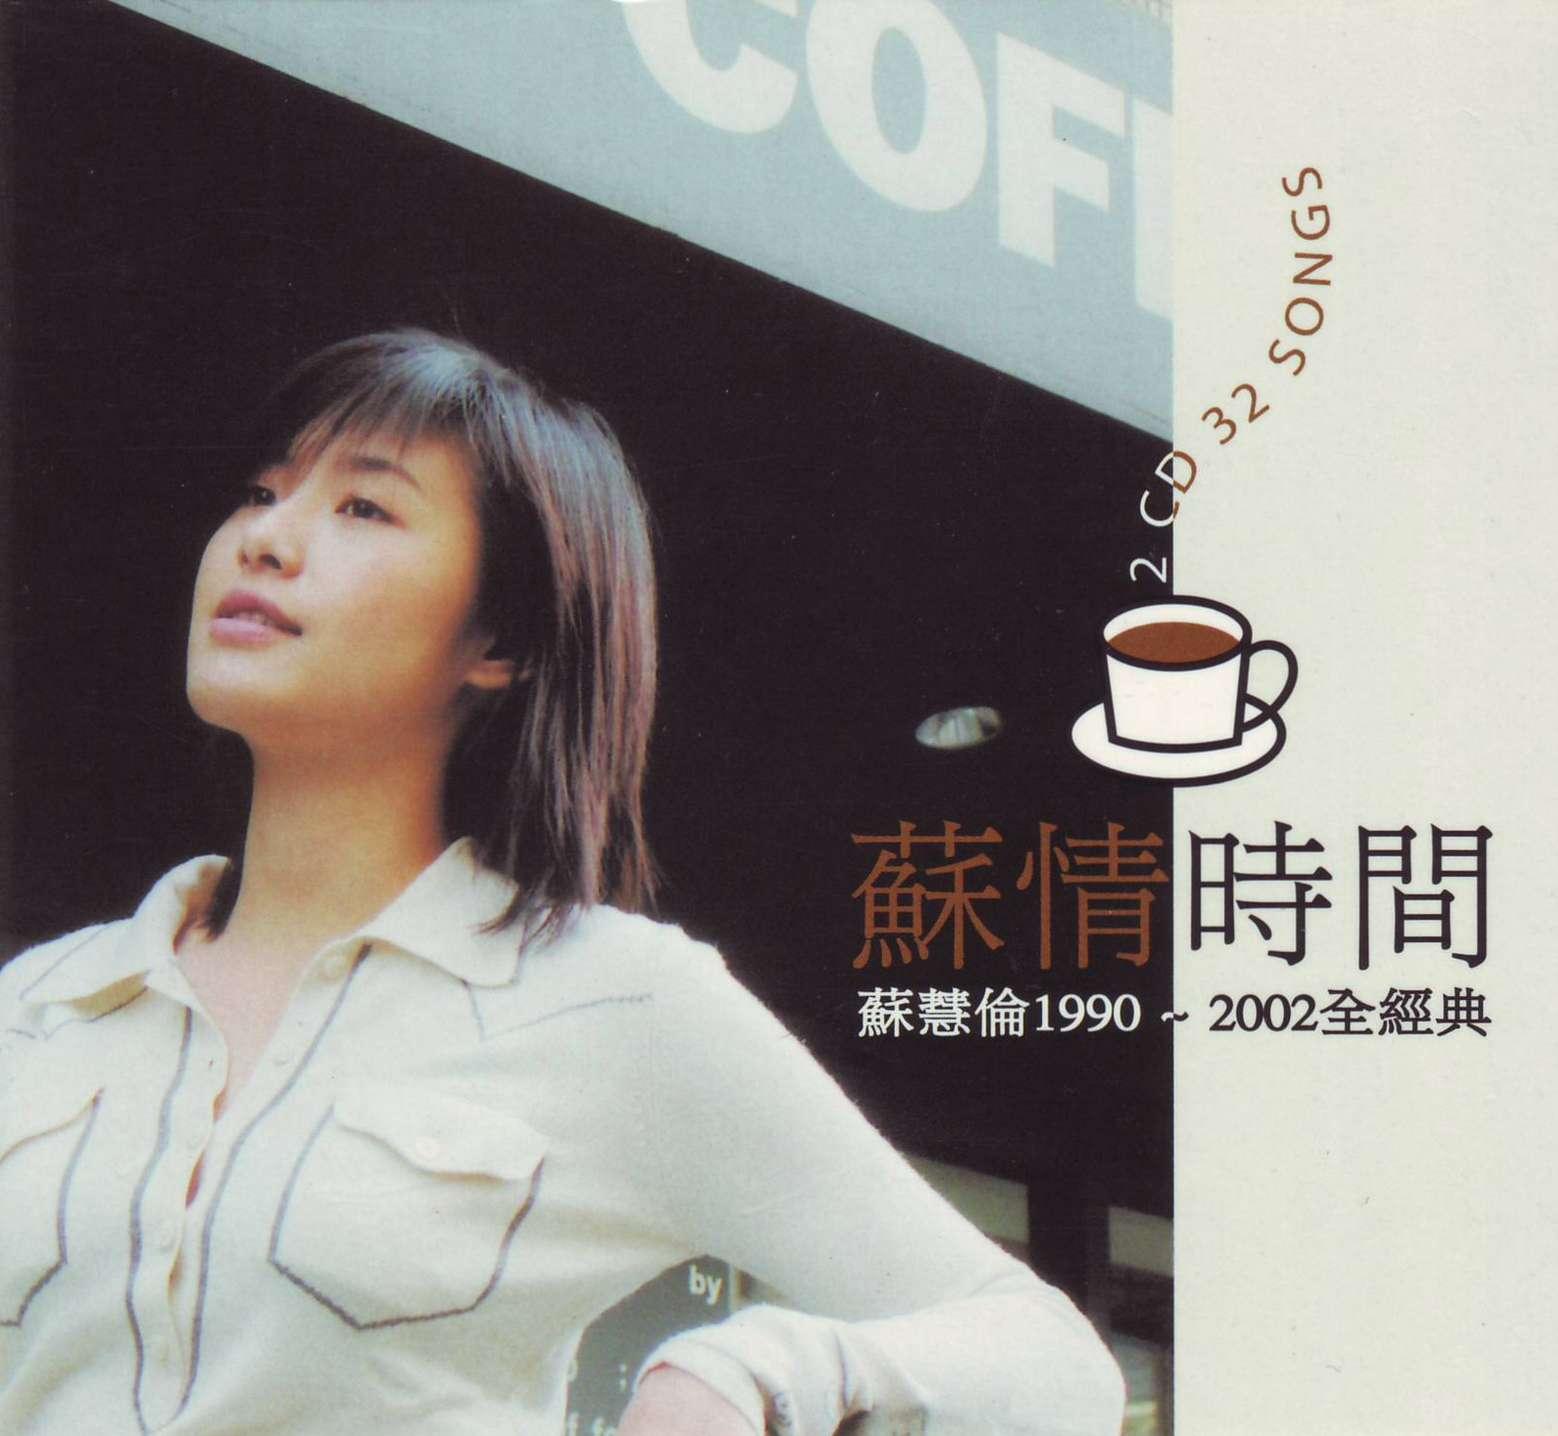 苏慧伦 苏情时间 1990-2002 全经典